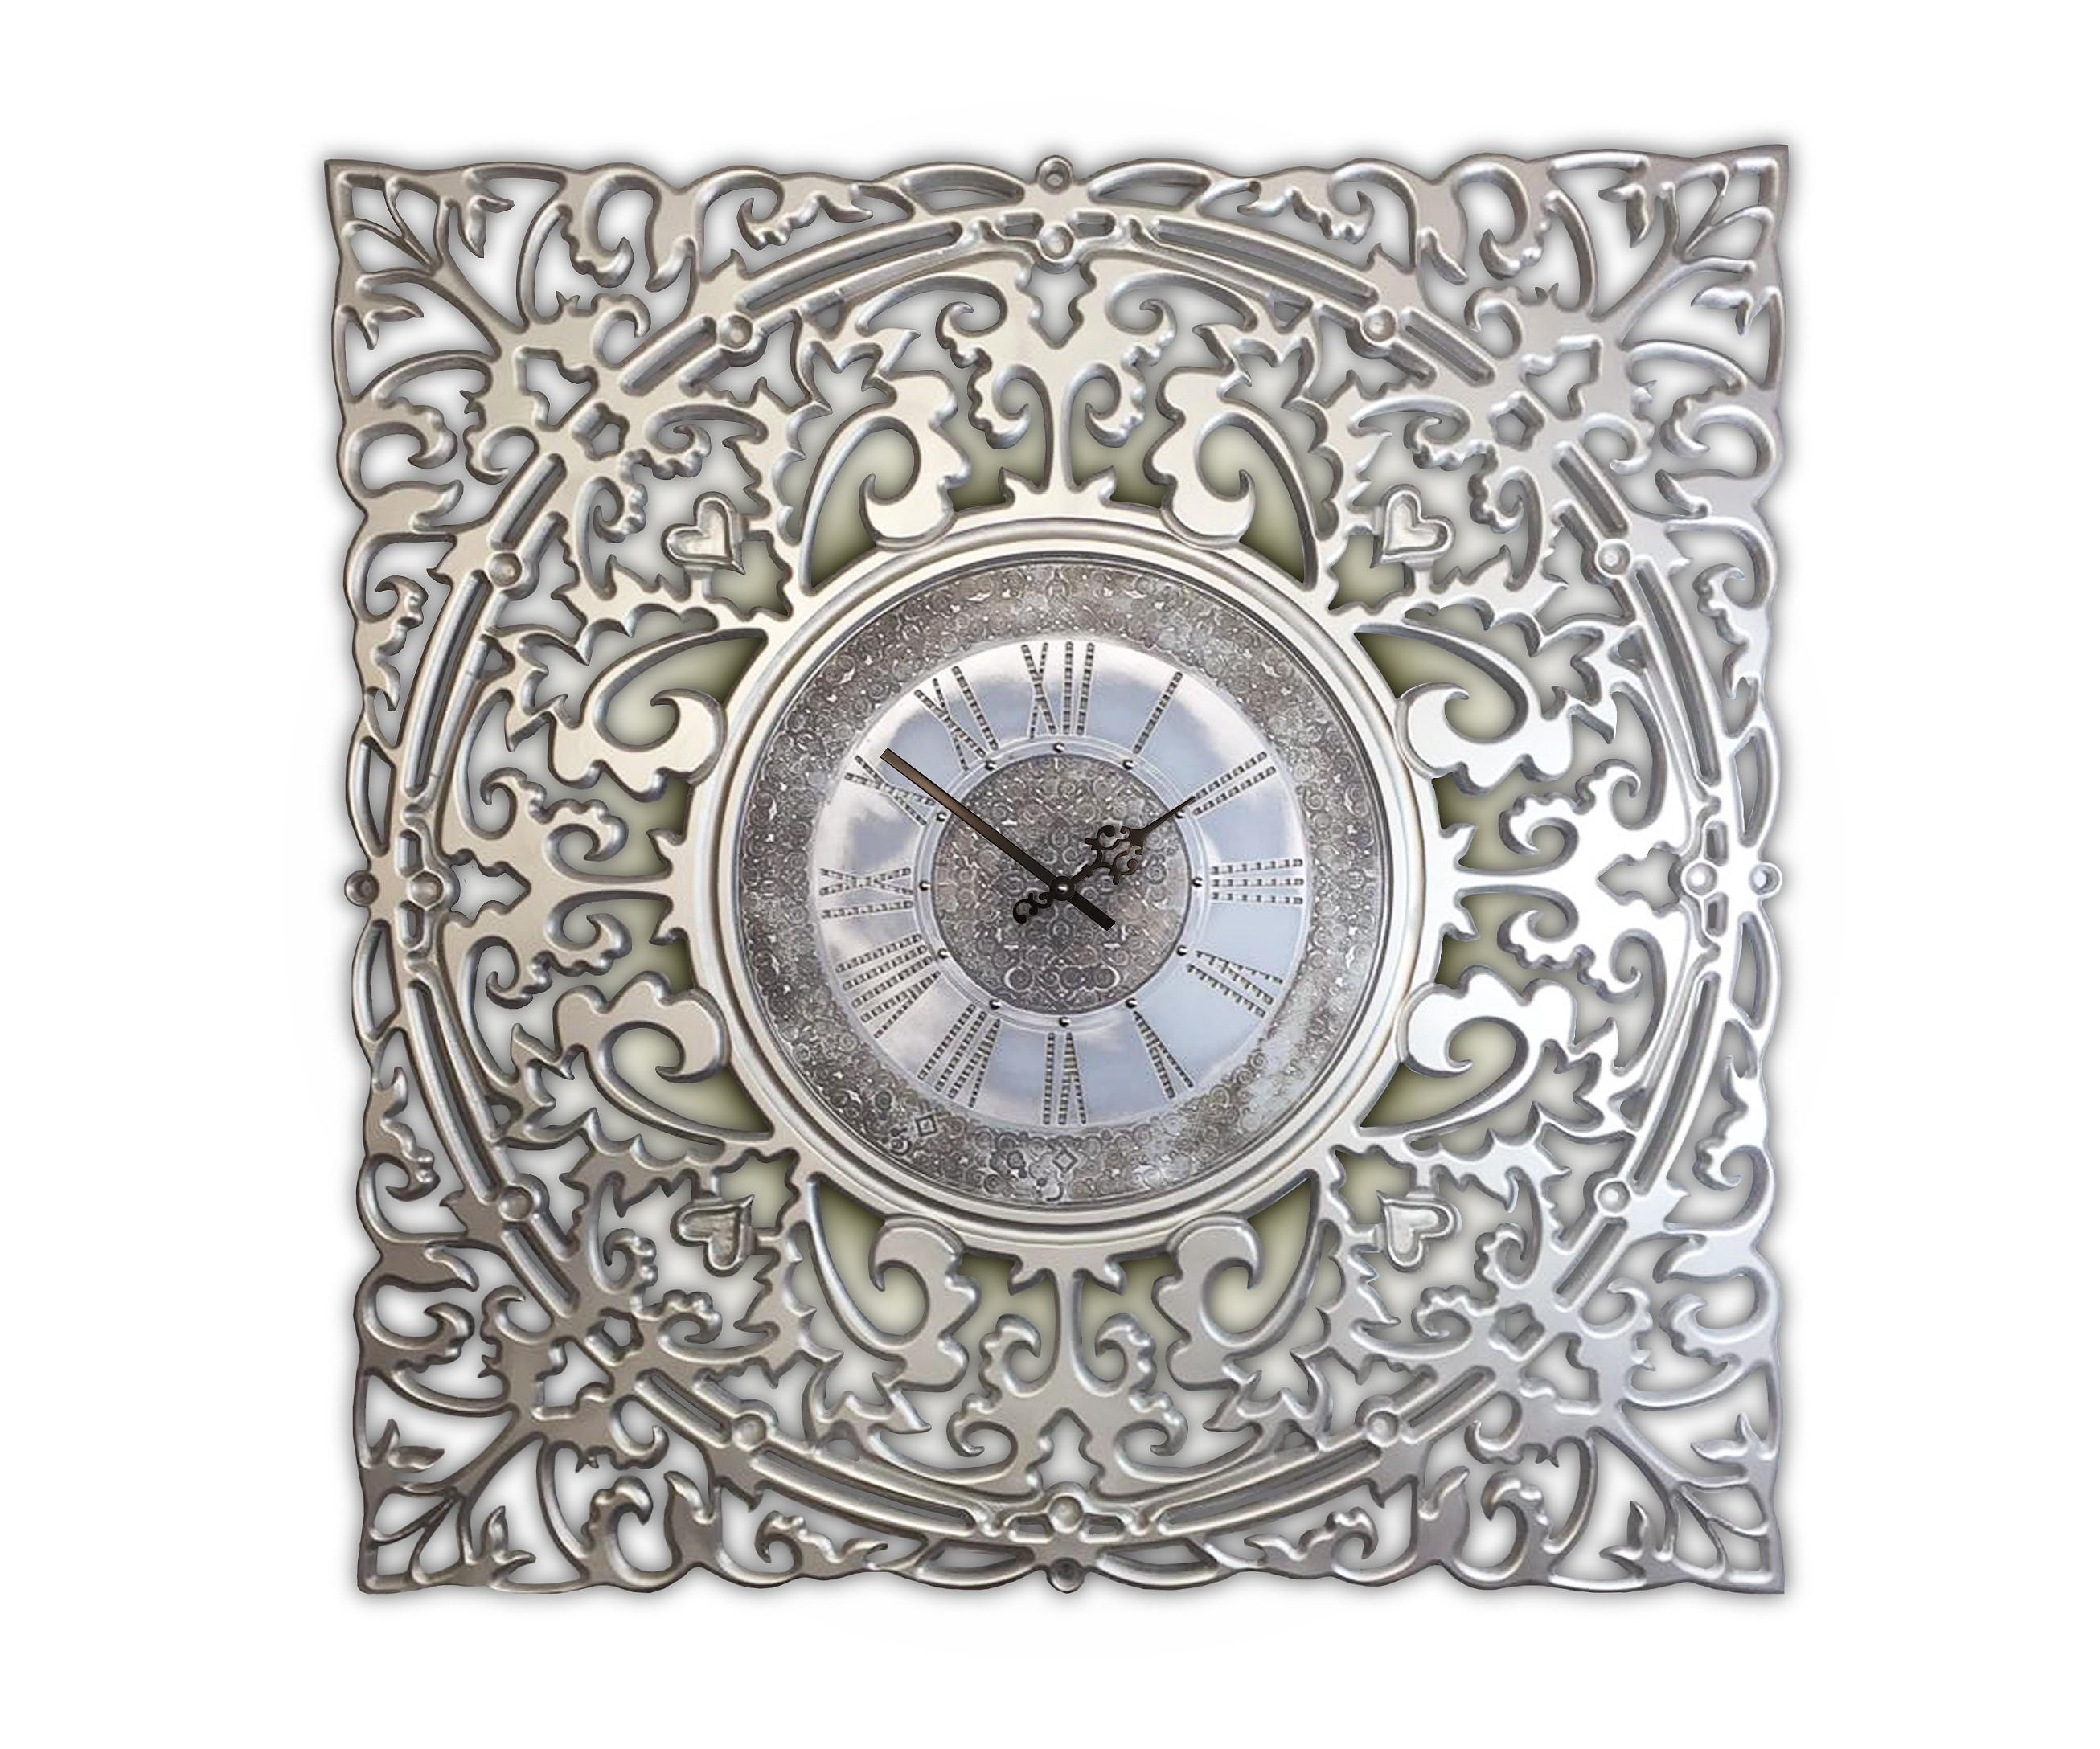 Часы VintageНастенные часы<br>&amp;lt;span style=&amp;quot;font-size: 14px;&amp;quot;&amp;gt;Часы оснащены встроенной светодиодной подсветкой.&amp;amp;nbsp;&amp;lt;/span&amp;gt;&amp;lt;div style=&amp;quot;font-size: 14px;&amp;quot;&amp;gt;Циферблат выполнен из алюминия.&amp;amp;nbsp;&amp;lt;/div&amp;gt;&amp;lt;div style=&amp;quot;font-size: 14px;&amp;quot;&amp;gt;&amp;lt;span style=&amp;quot;font-size: 14px;&amp;quot;&amp;gt;Кварцевый механизм.&amp;lt;/span&amp;gt;&amp;lt;br&amp;gt;&amp;lt;/div&amp;gt;&amp;lt;div style=&amp;quot;font-size: 14px;&amp;quot;&amp;gt;&amp;lt;span style=&amp;quot;font-size: 14px;&amp;quot;&amp;gt;&amp;lt;br&amp;gt;&amp;lt;/span&amp;gt;&amp;lt;/div&amp;gt;&amp;lt;div style=&amp;quot;font-size: 14px;&amp;quot;&amp;gt;&amp;lt;span style=&amp;quot;font-size: 14px;&amp;quot;&amp;gt;Возможны варианты с другими размерами без изменения цены.&amp;amp;nbsp;&amp;lt;/span&amp;gt;&amp;lt;/div&amp;gt;<br><br>Material: Дерево<br>Ширина см: 90<br>Глубина см: 90